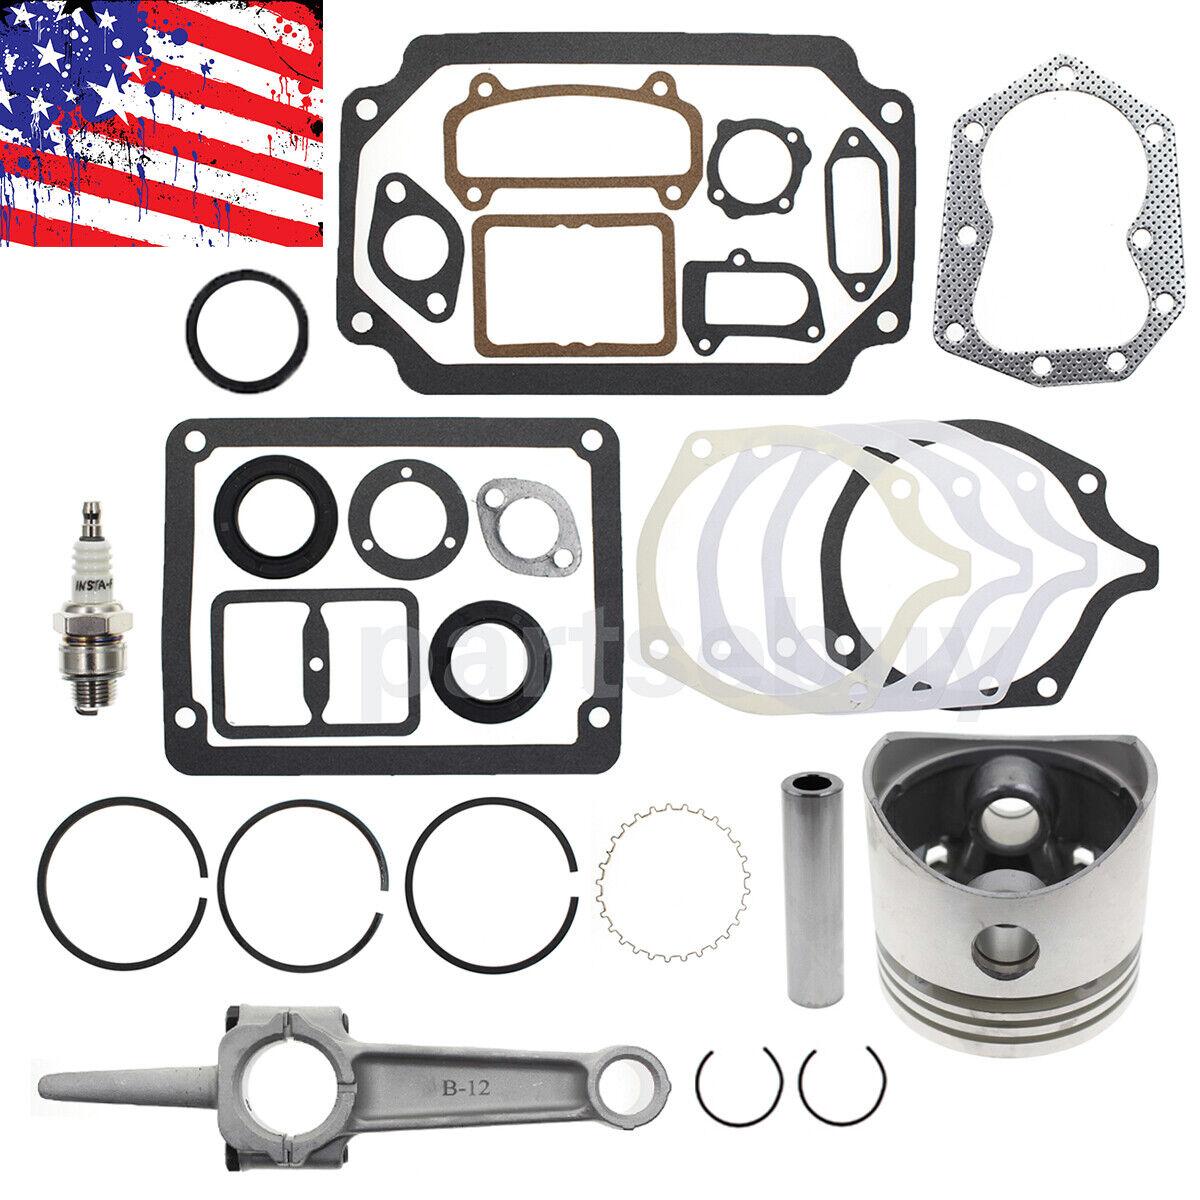 Para Kohler K301 M12 12HP motor estándar reconstruir Kit Juntas Anillo De Pistón Tune Up